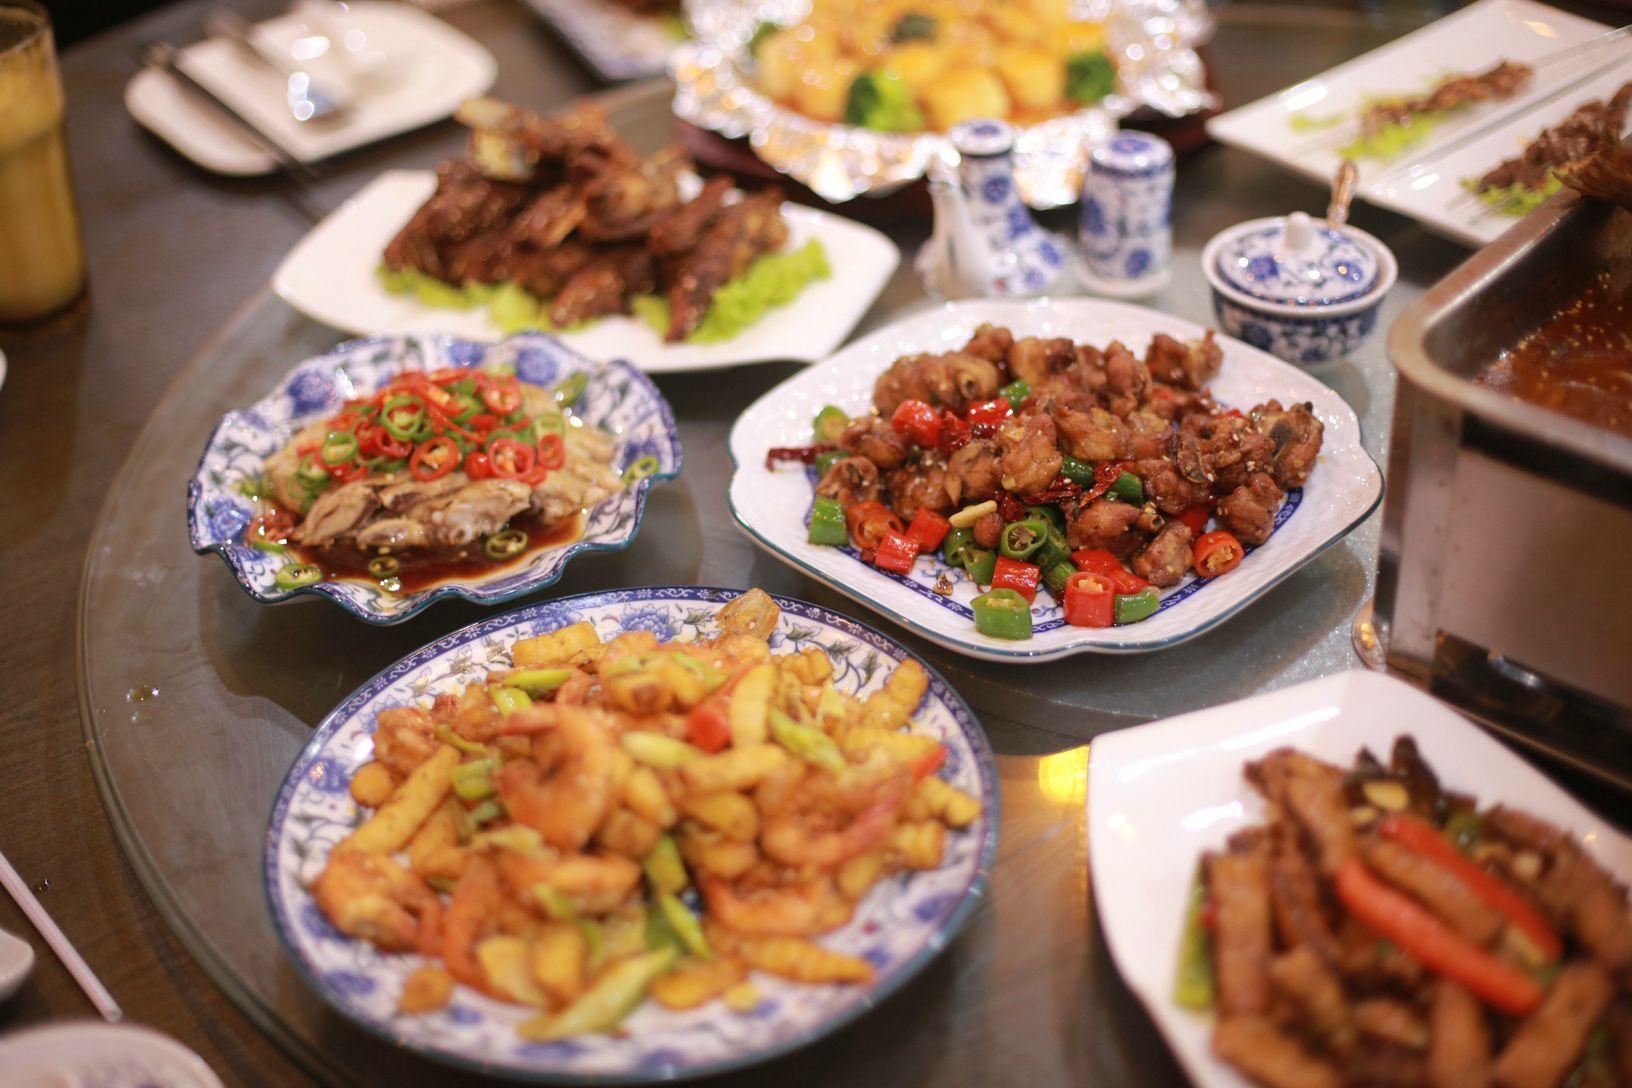 Restoran Cina Muslim Amber, Menu Bertaraf 5 Bintang Dengan